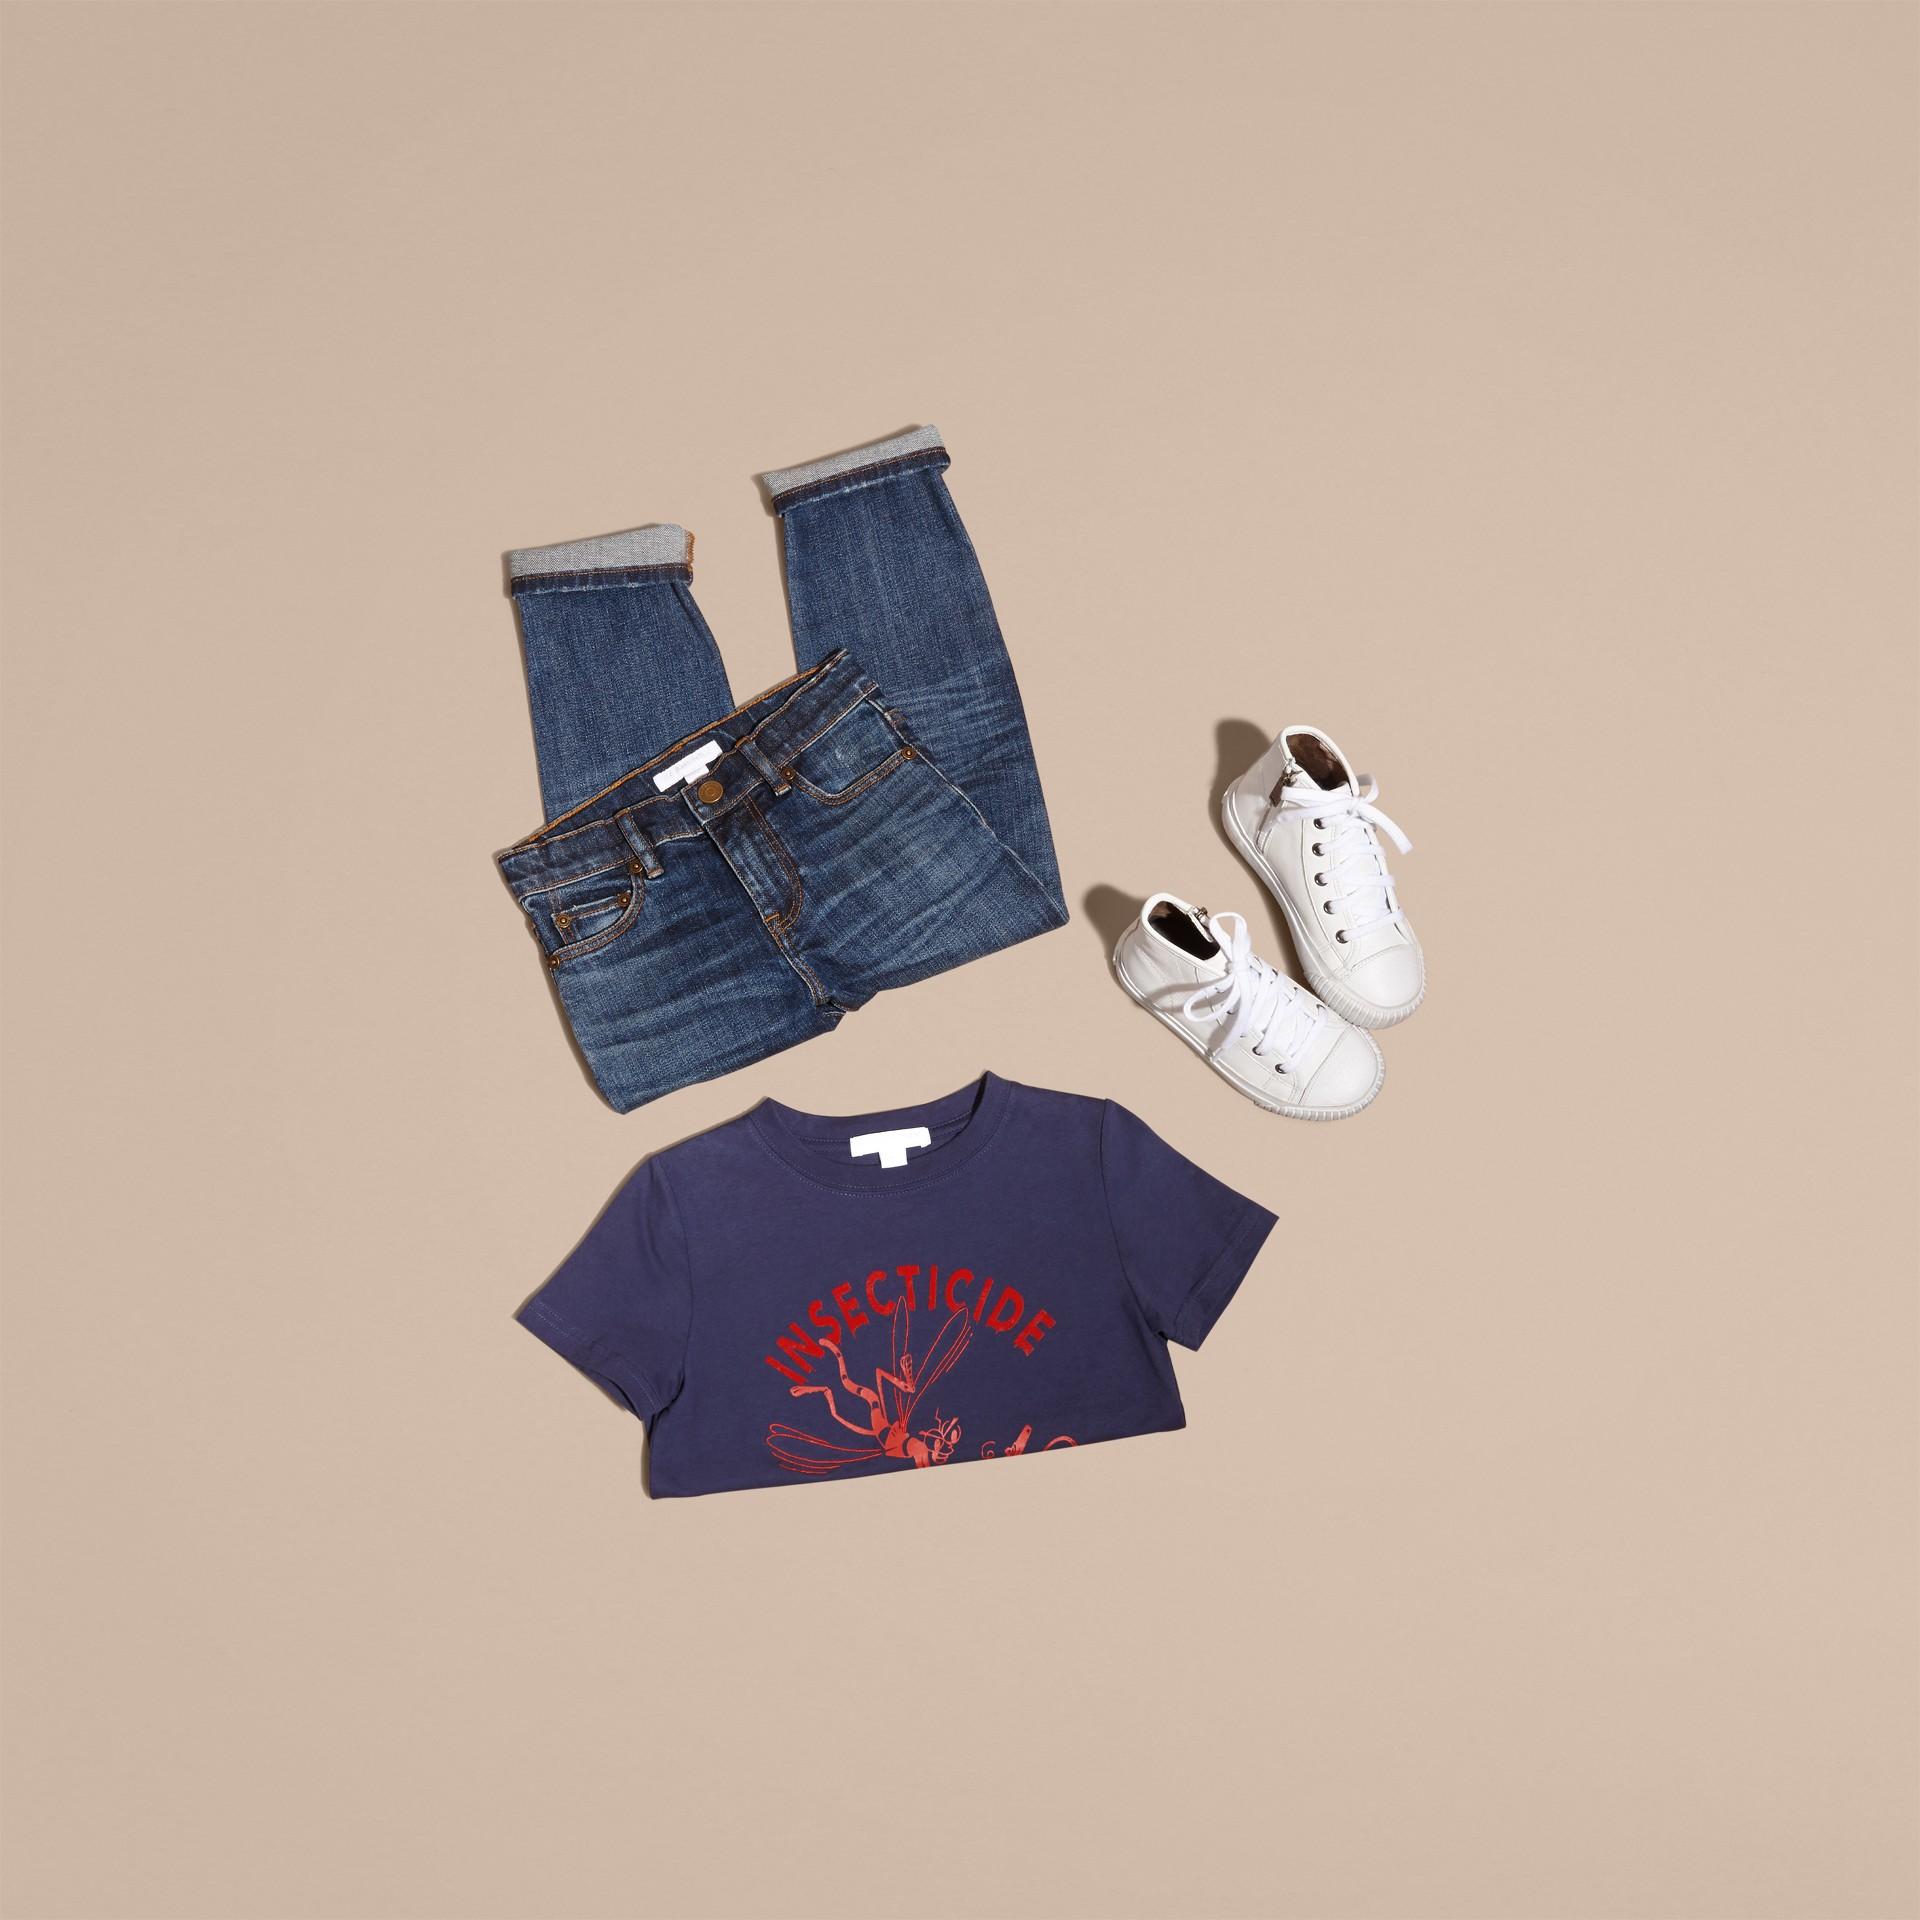 Indigo Baumwoll-T-Shirt mit verspieltem Druckmotiv - Galerie-Bild 5